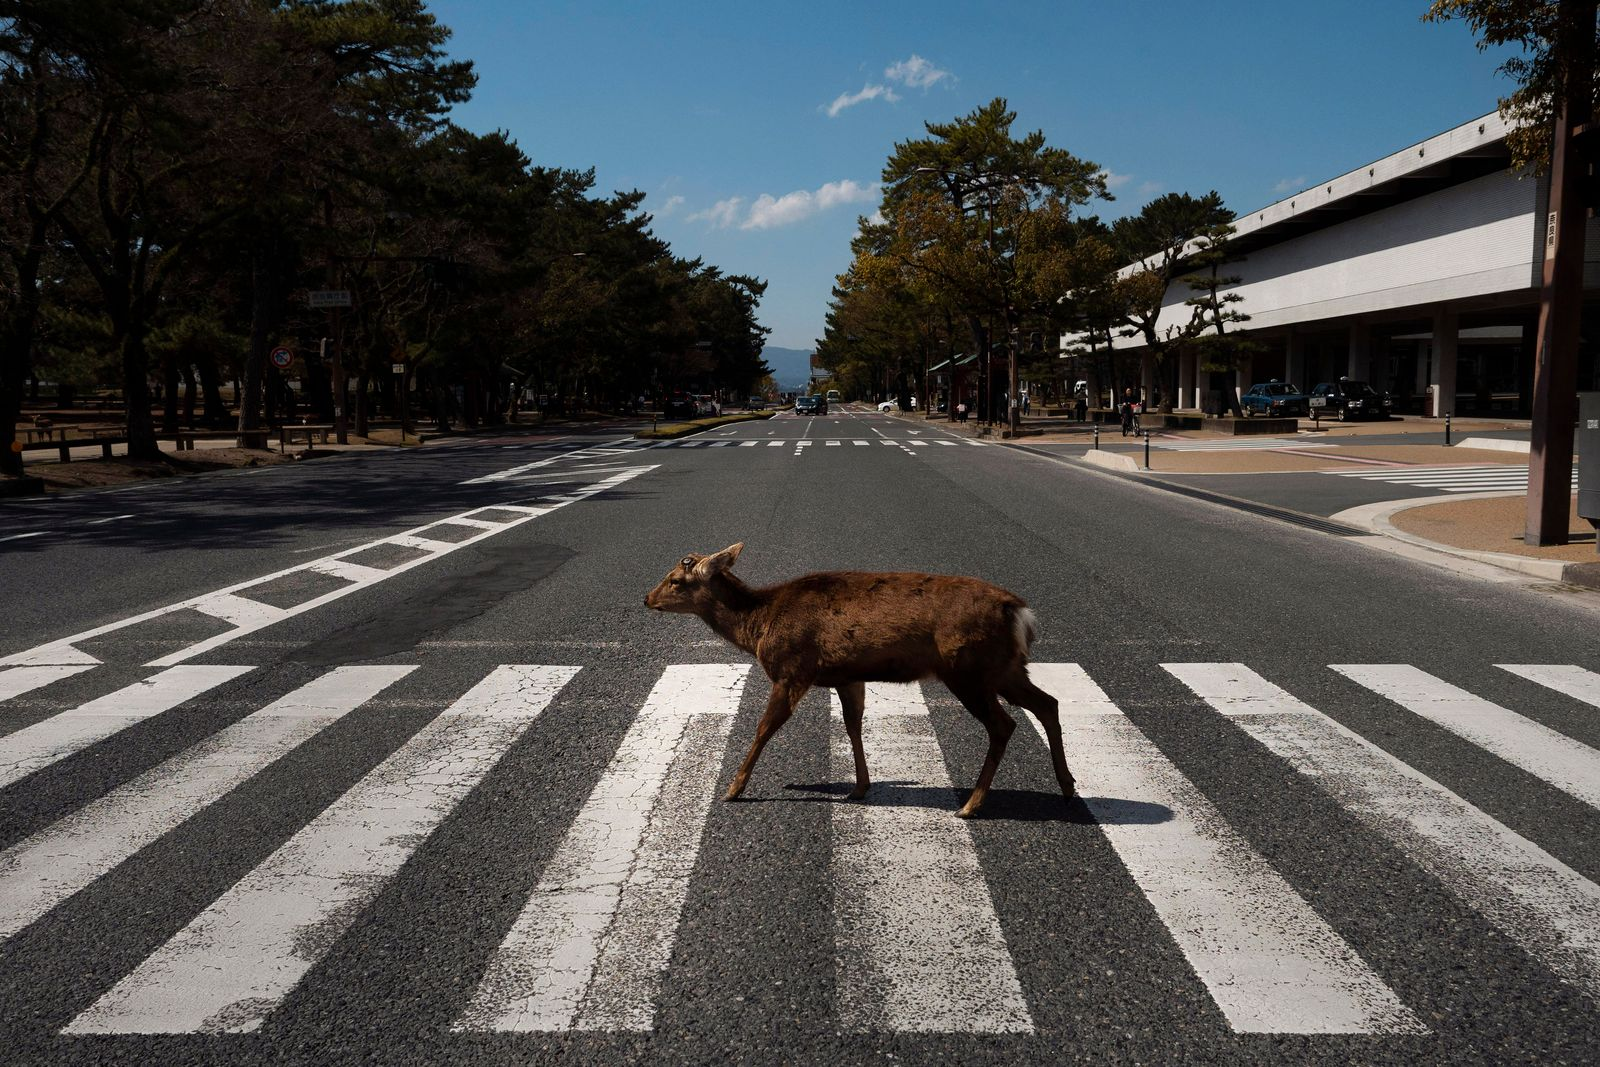 Virus Outbreak Japan Deer Photo Gallery